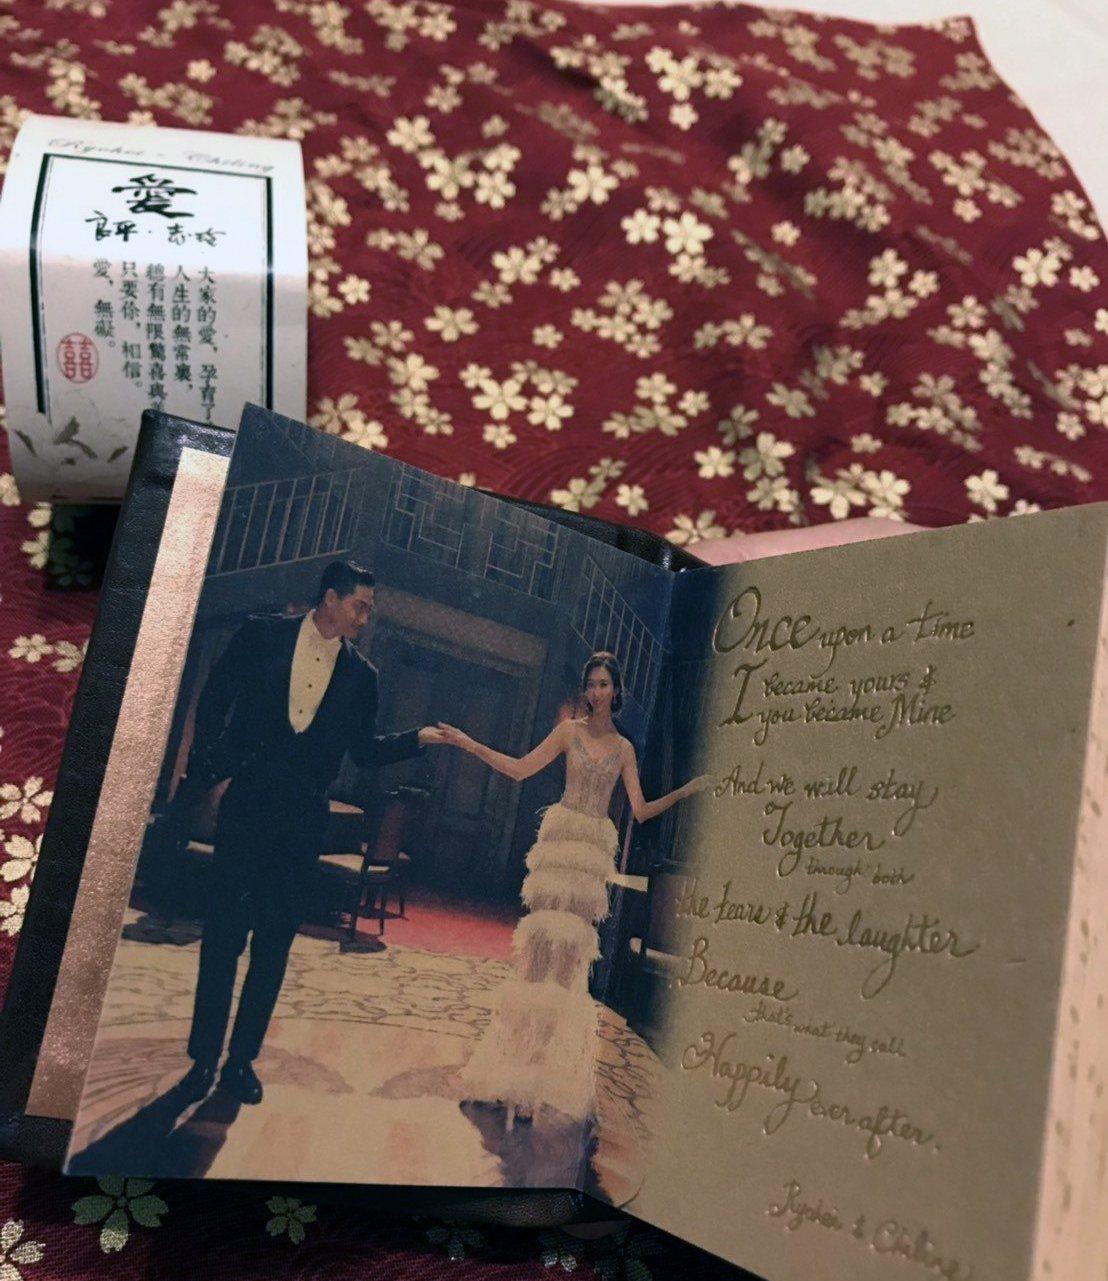 林志玲與AKIRA大婚,伴手禮的音樂盒上印有新人的照片,以及林志玲對於愛情、未來...